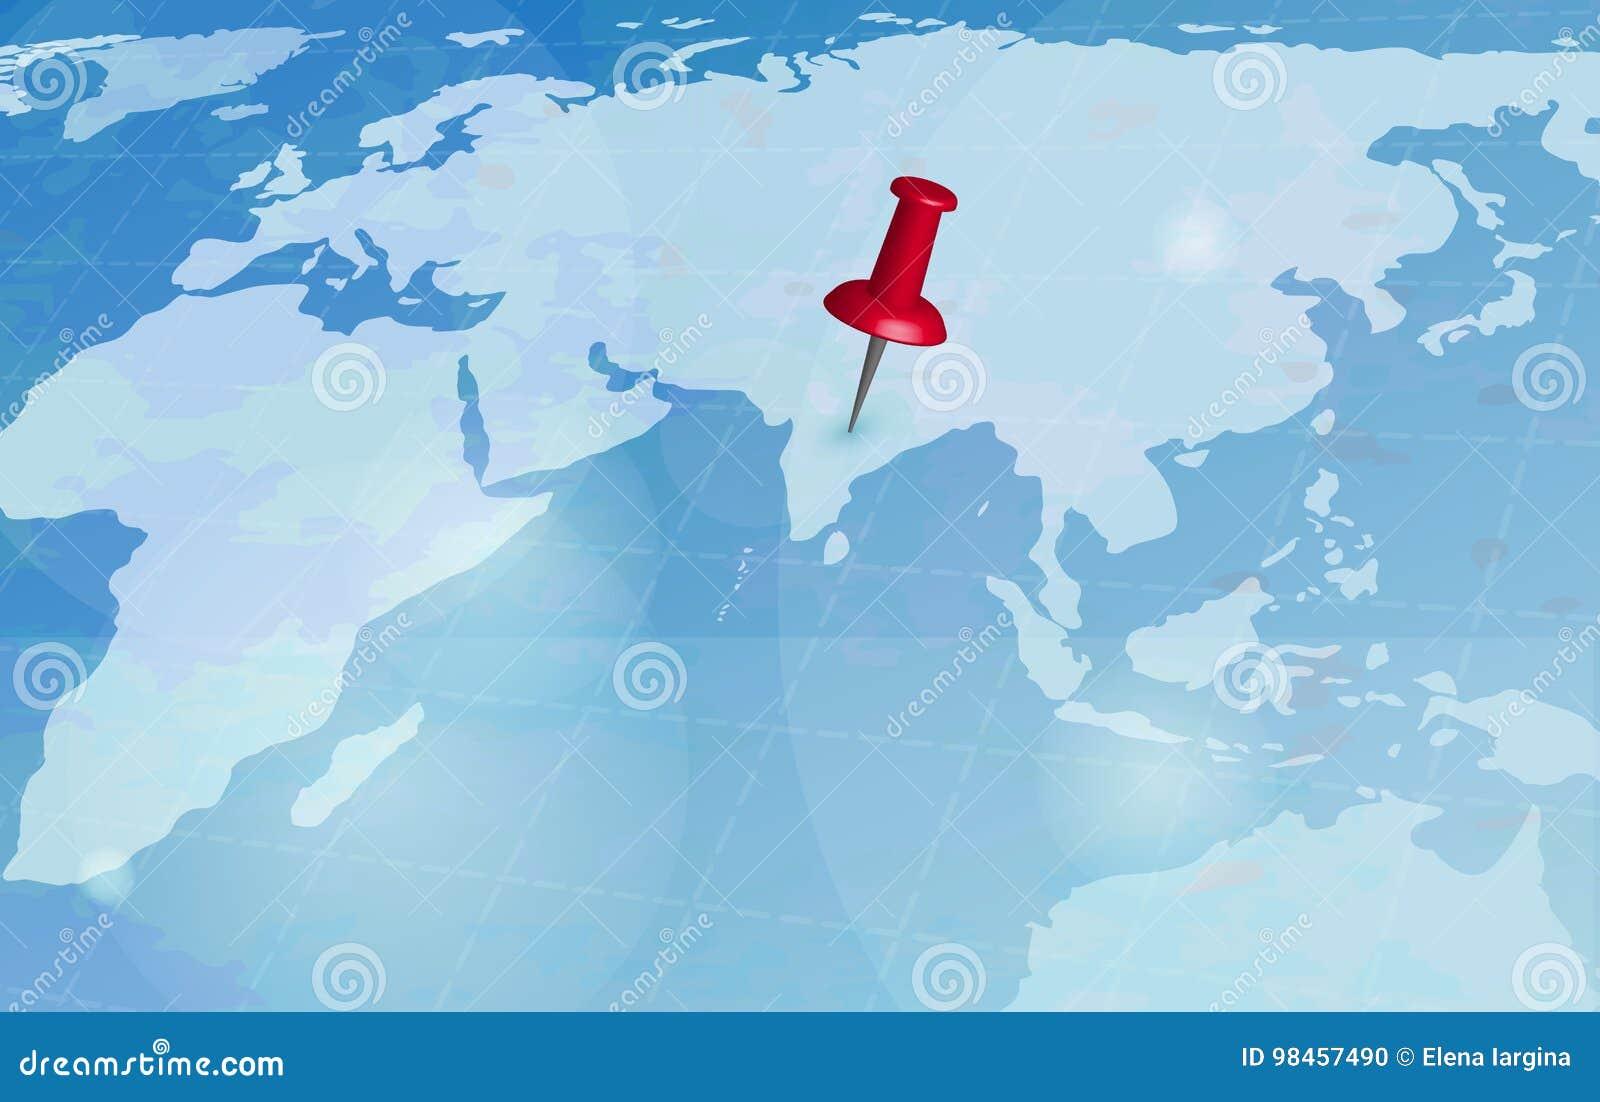 Χάρτης παγκόσμιου ταξιδιού